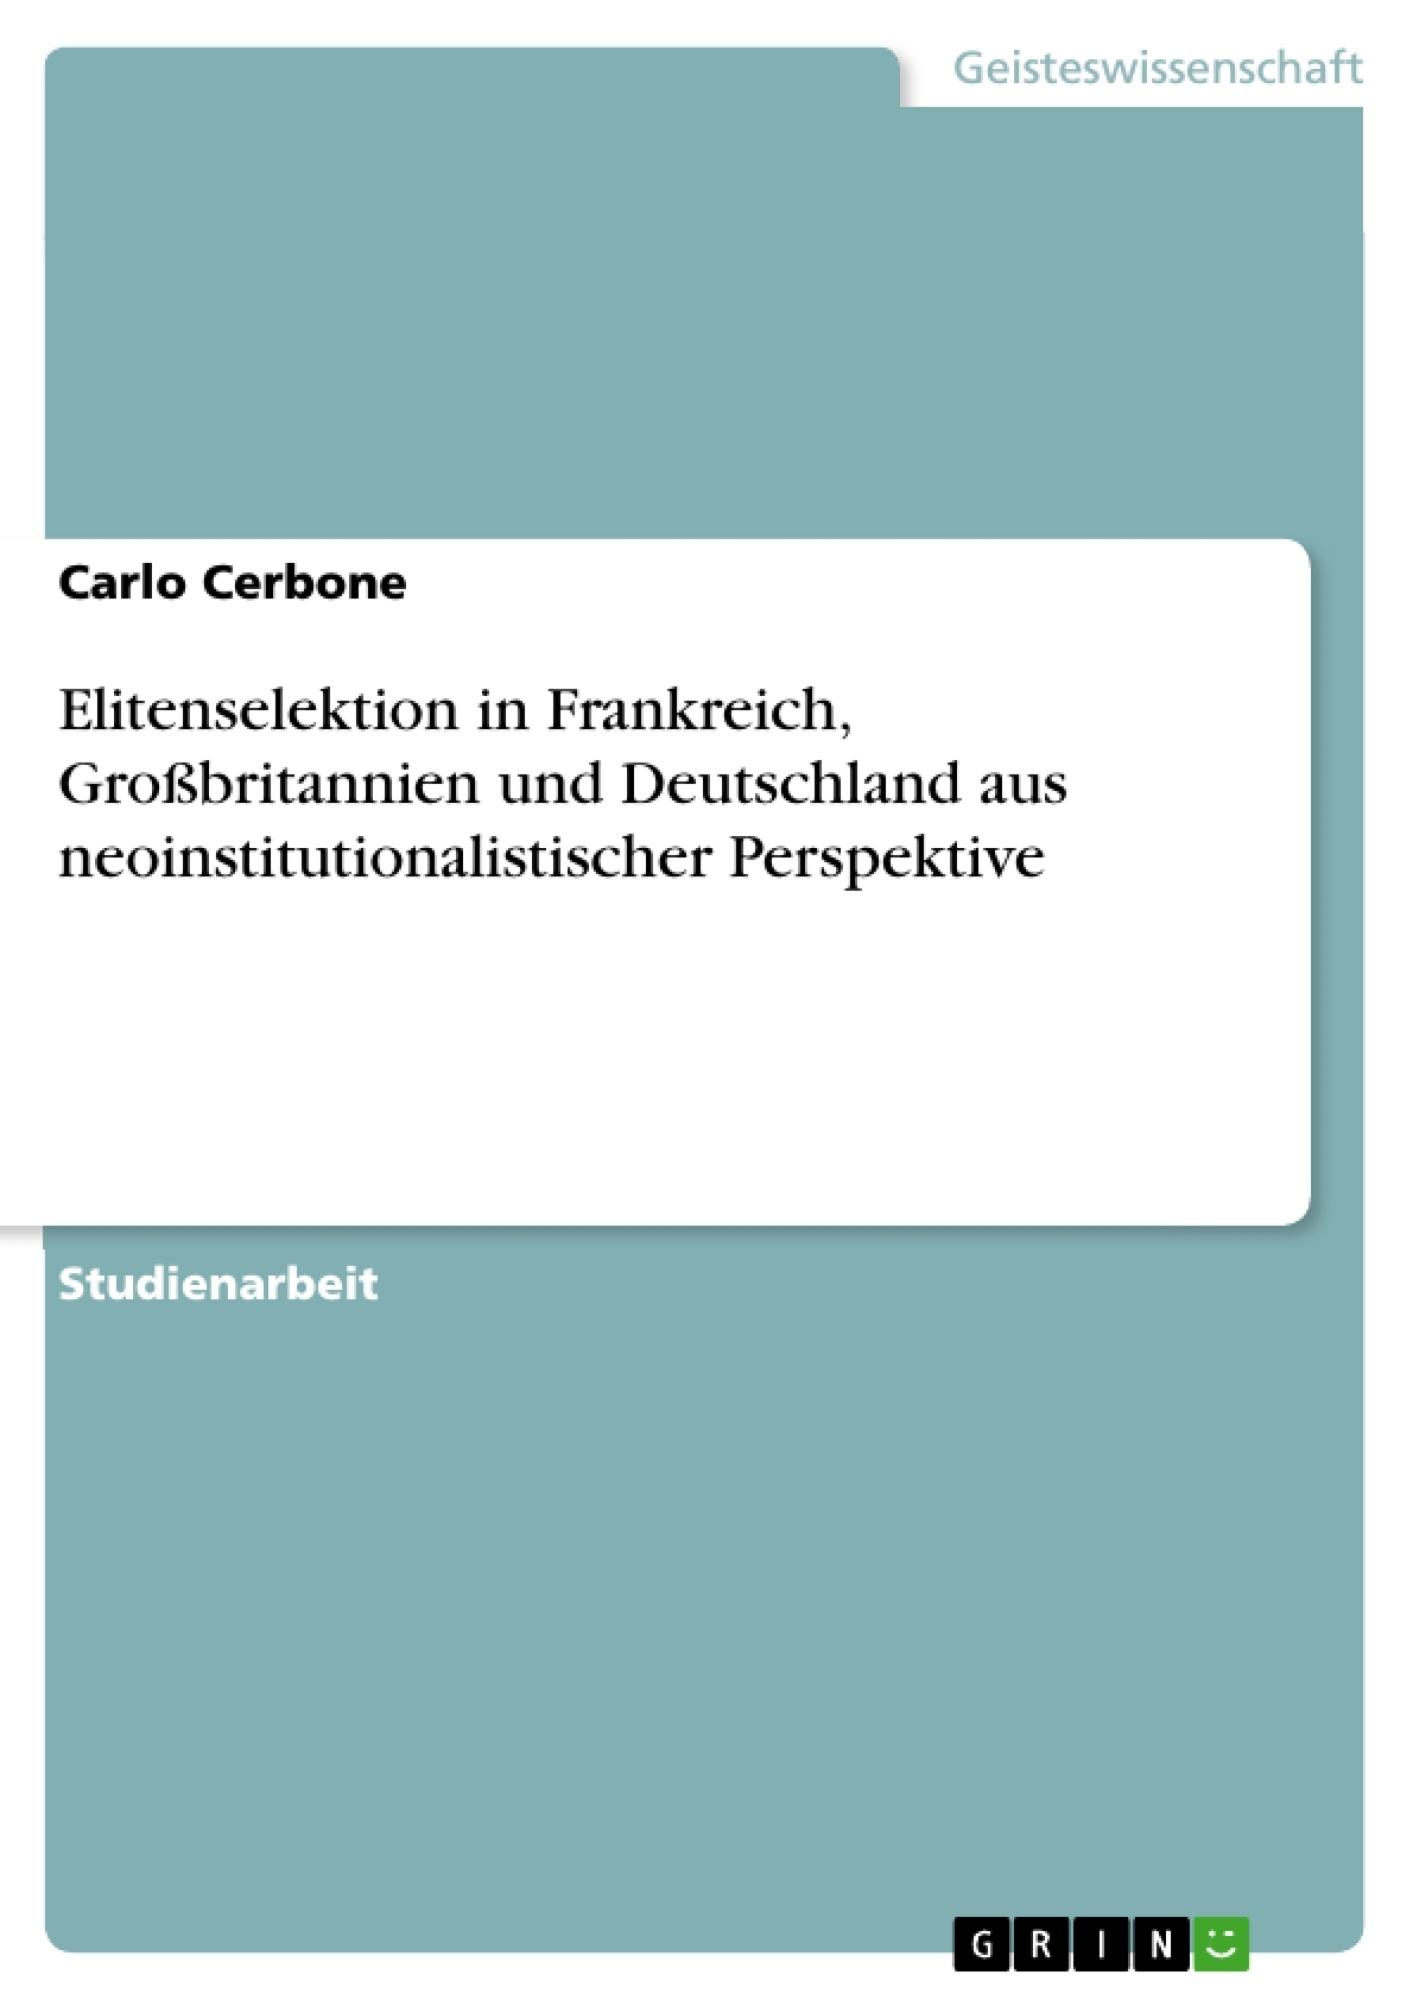 Titel: Elitenselektion in Frankreich, Großbritannien und Deutschland aus neoinstitutionalistischer Perspektive